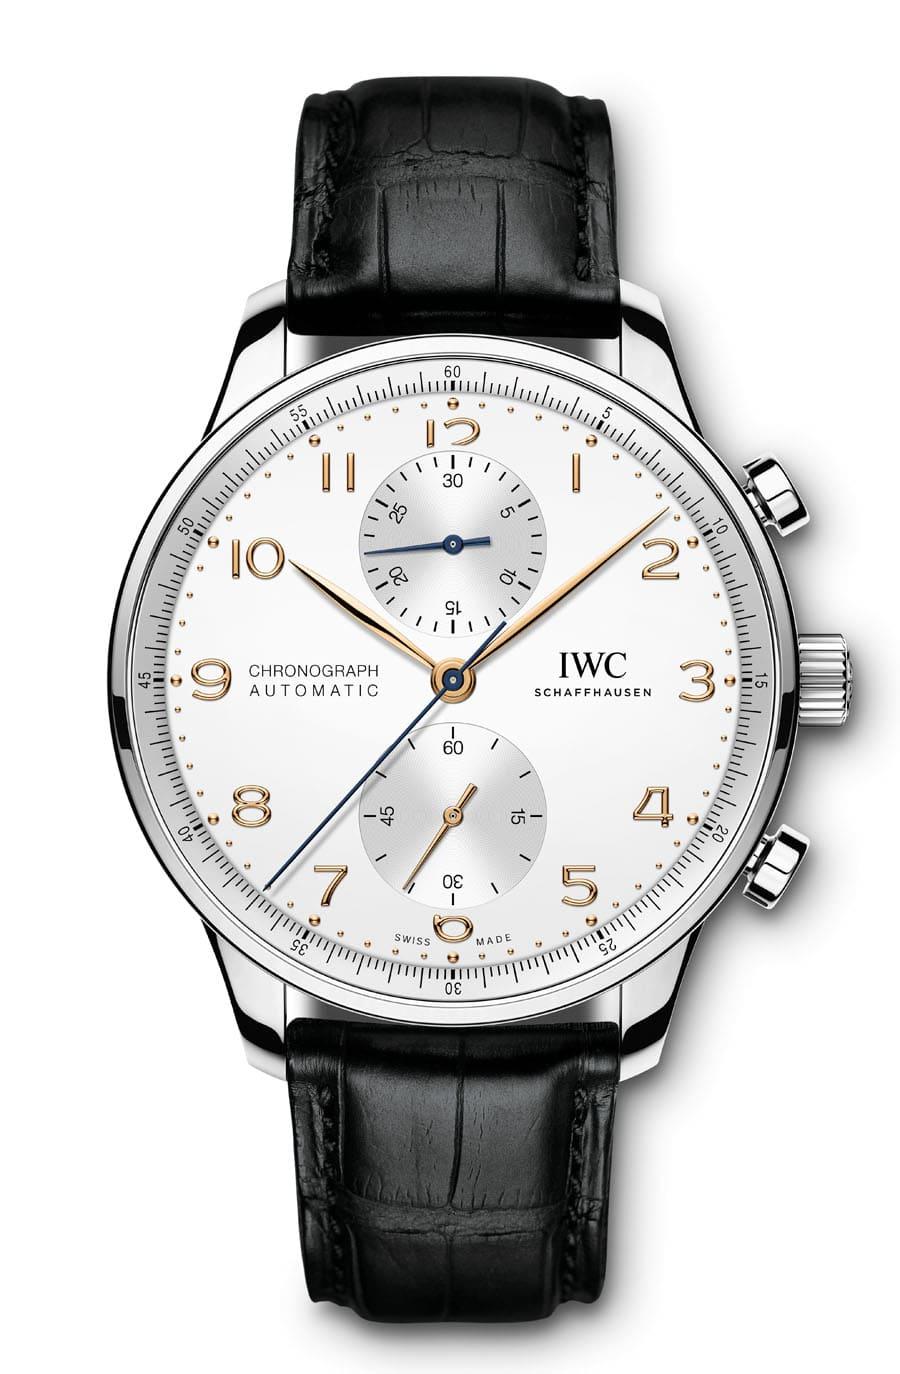 IWC: Portugieser Chronograph Referenz IW371604 in Edelstahl mit argentéfarbenem Zifferblatt